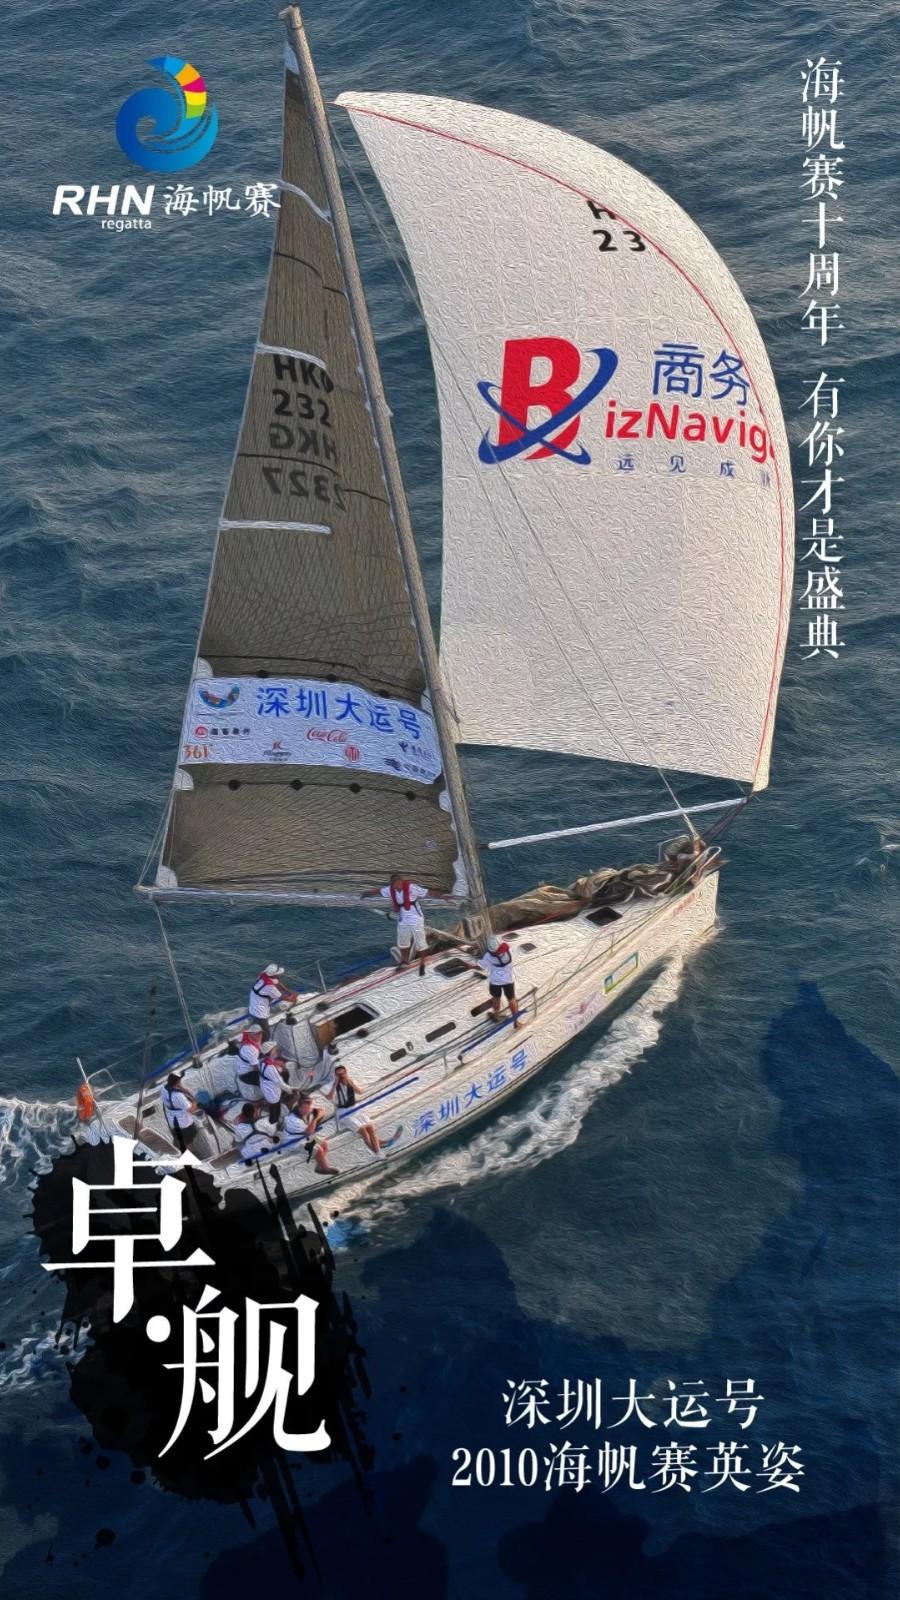 【约吗·十周年】海帆赛时代浪潮宣传片 先锋上线!